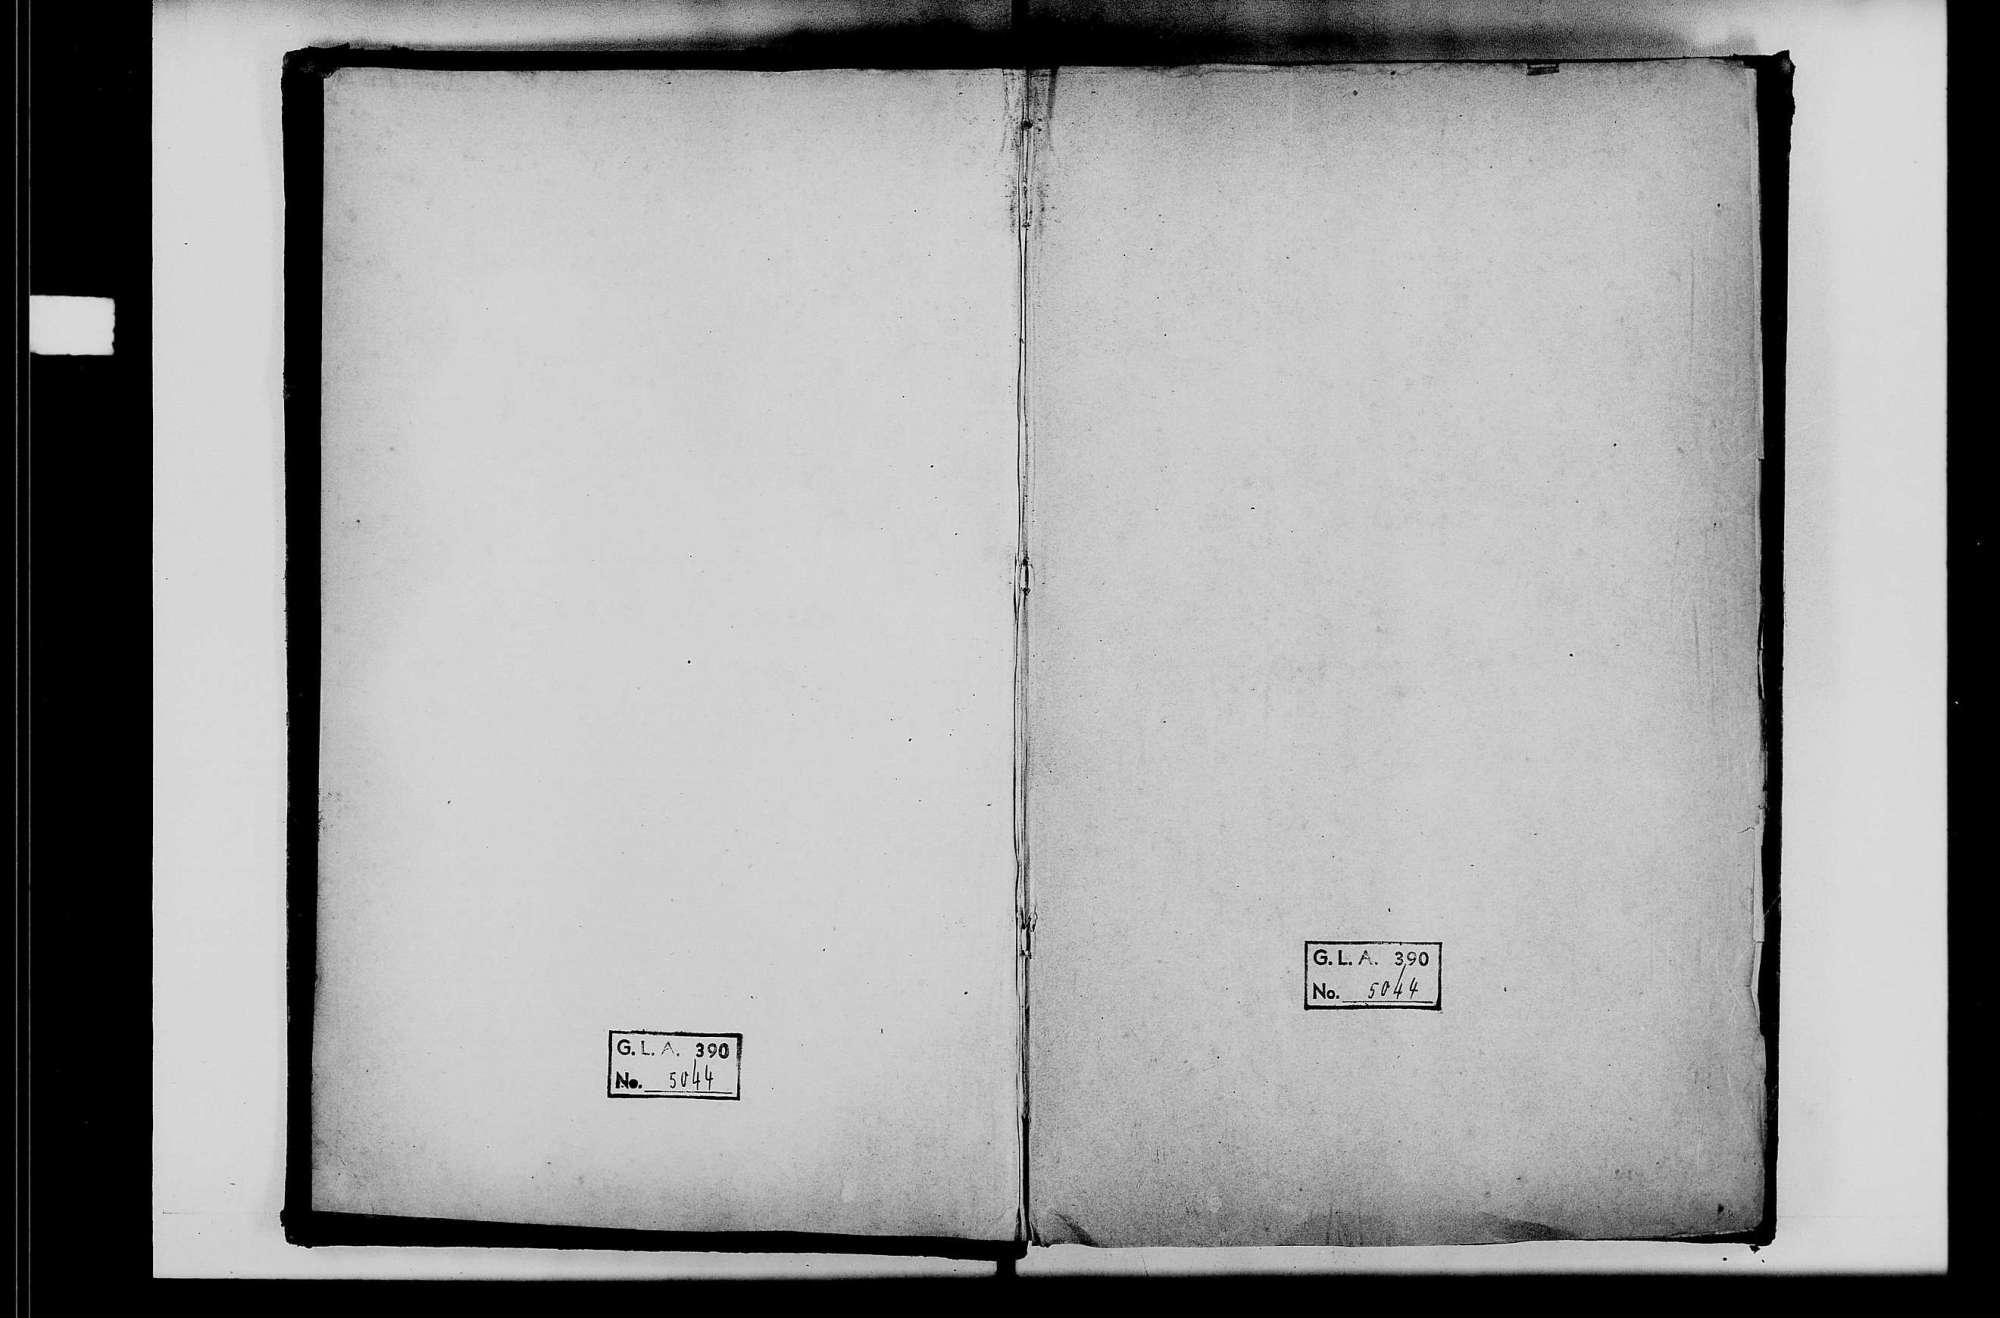 Brehmen, evangelische Gemeinde: Standesbuch 1860-1870, Bild 3